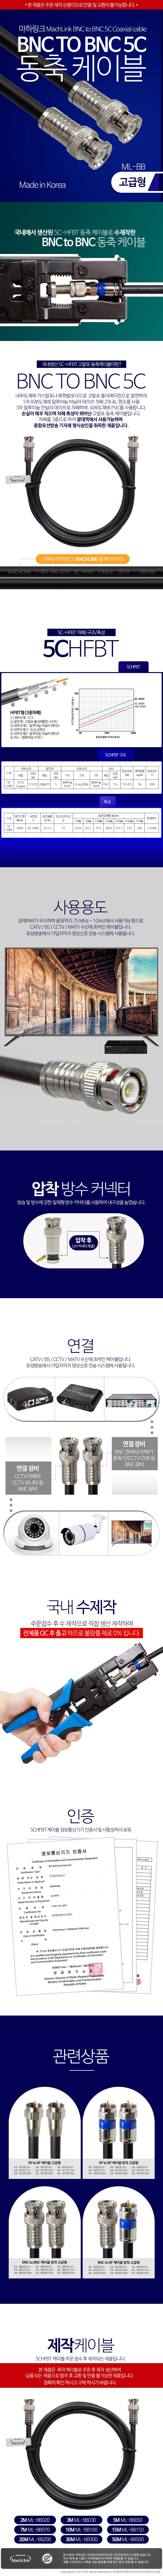 마하링크  BNC to BNC 5C 동축 케이블 (ML-BB)(30m)